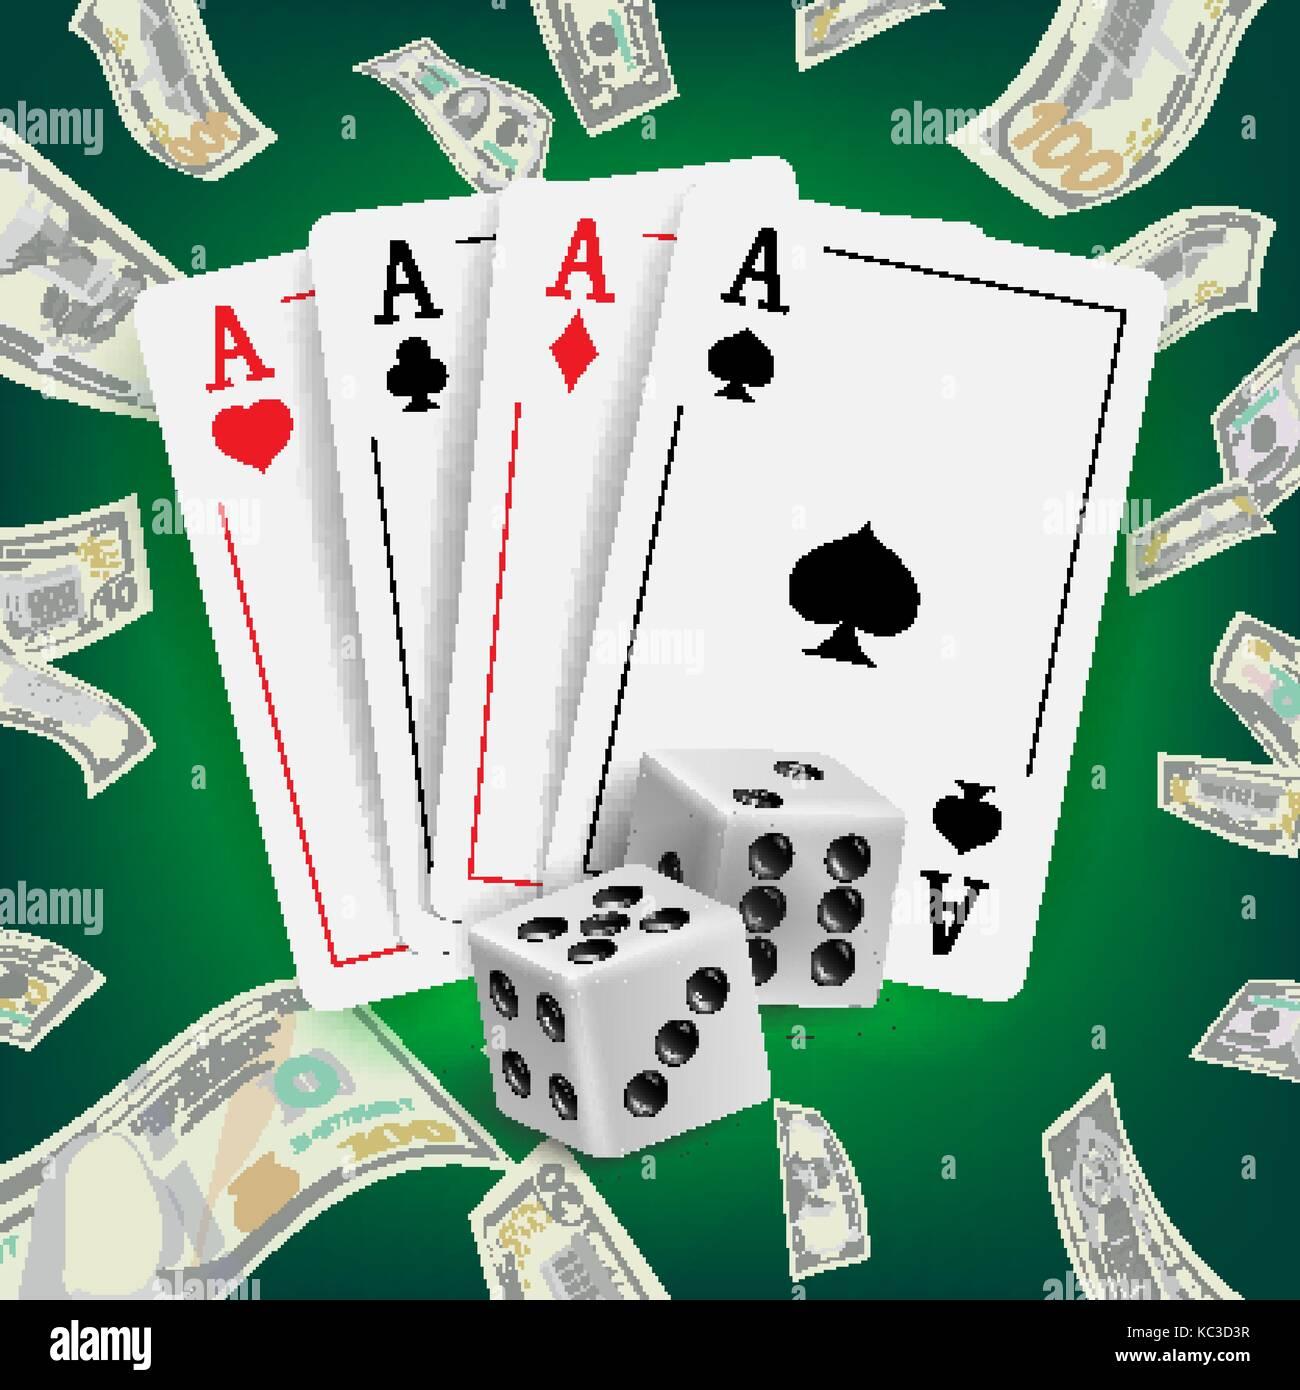 24vip casino no deposit bonus codes 2019